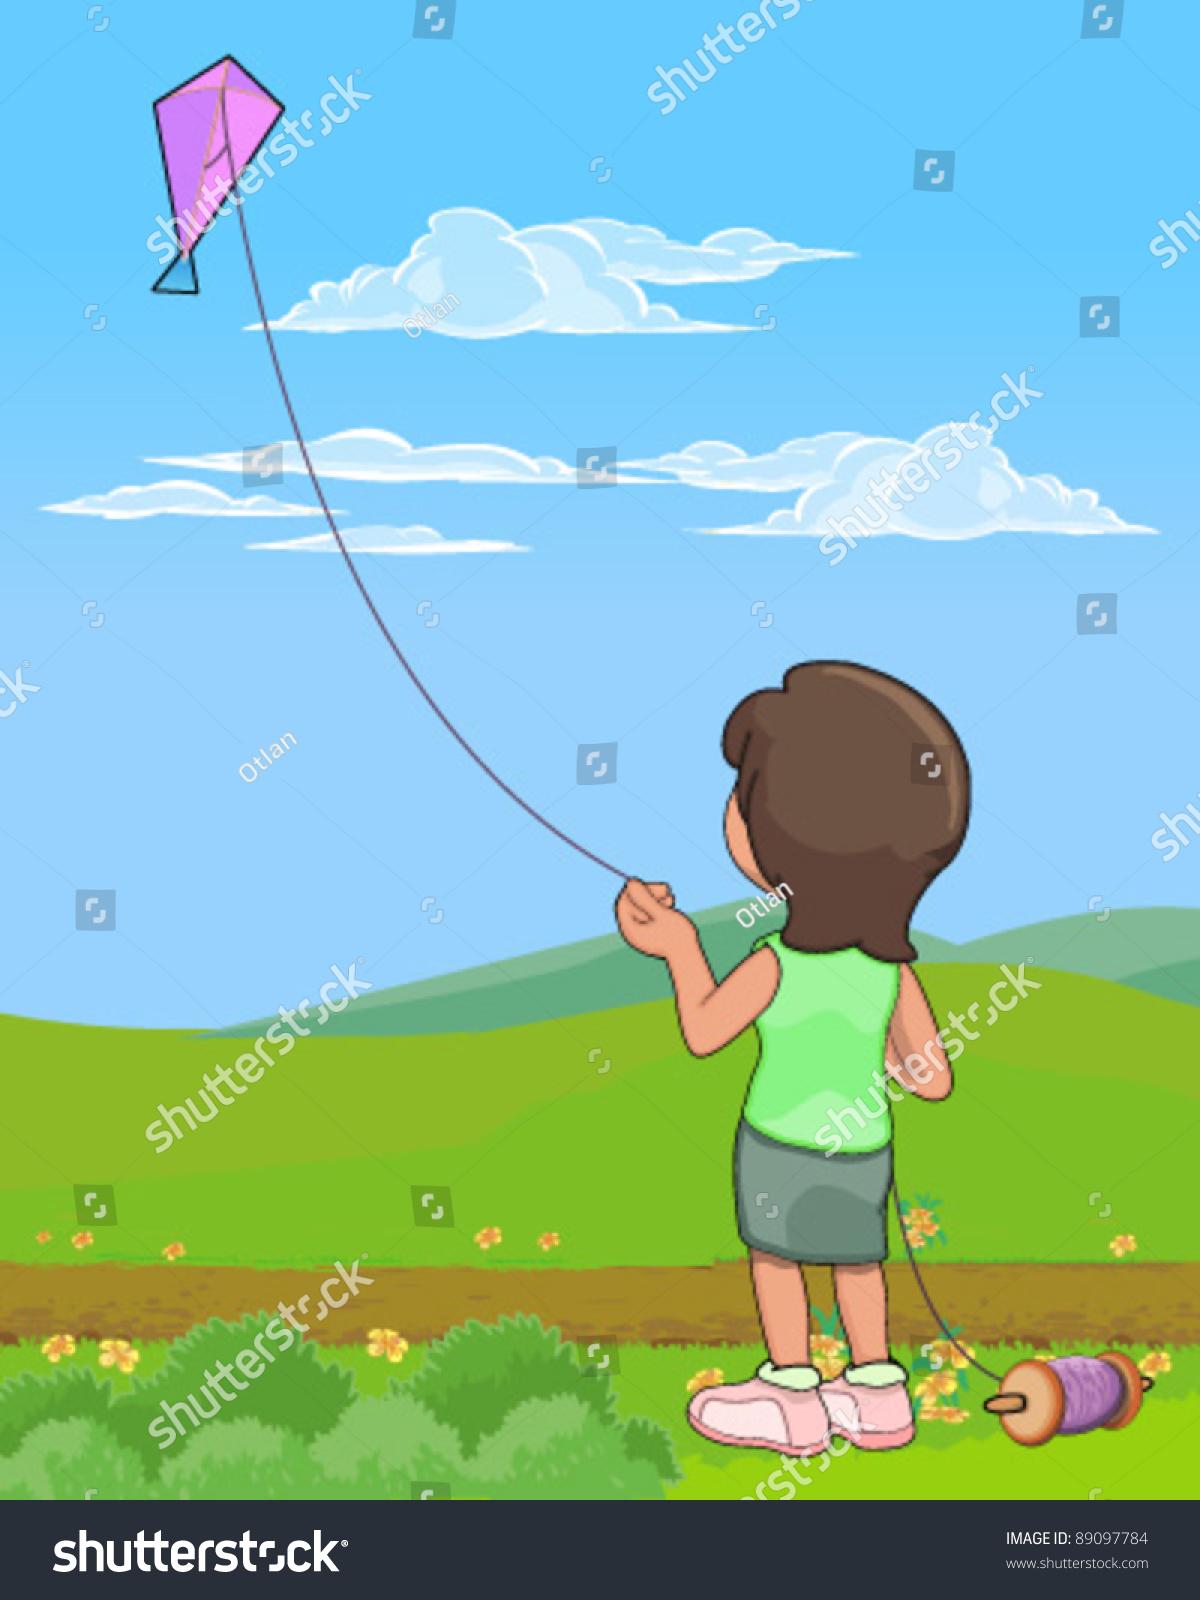 flying kite illustration - photo #23